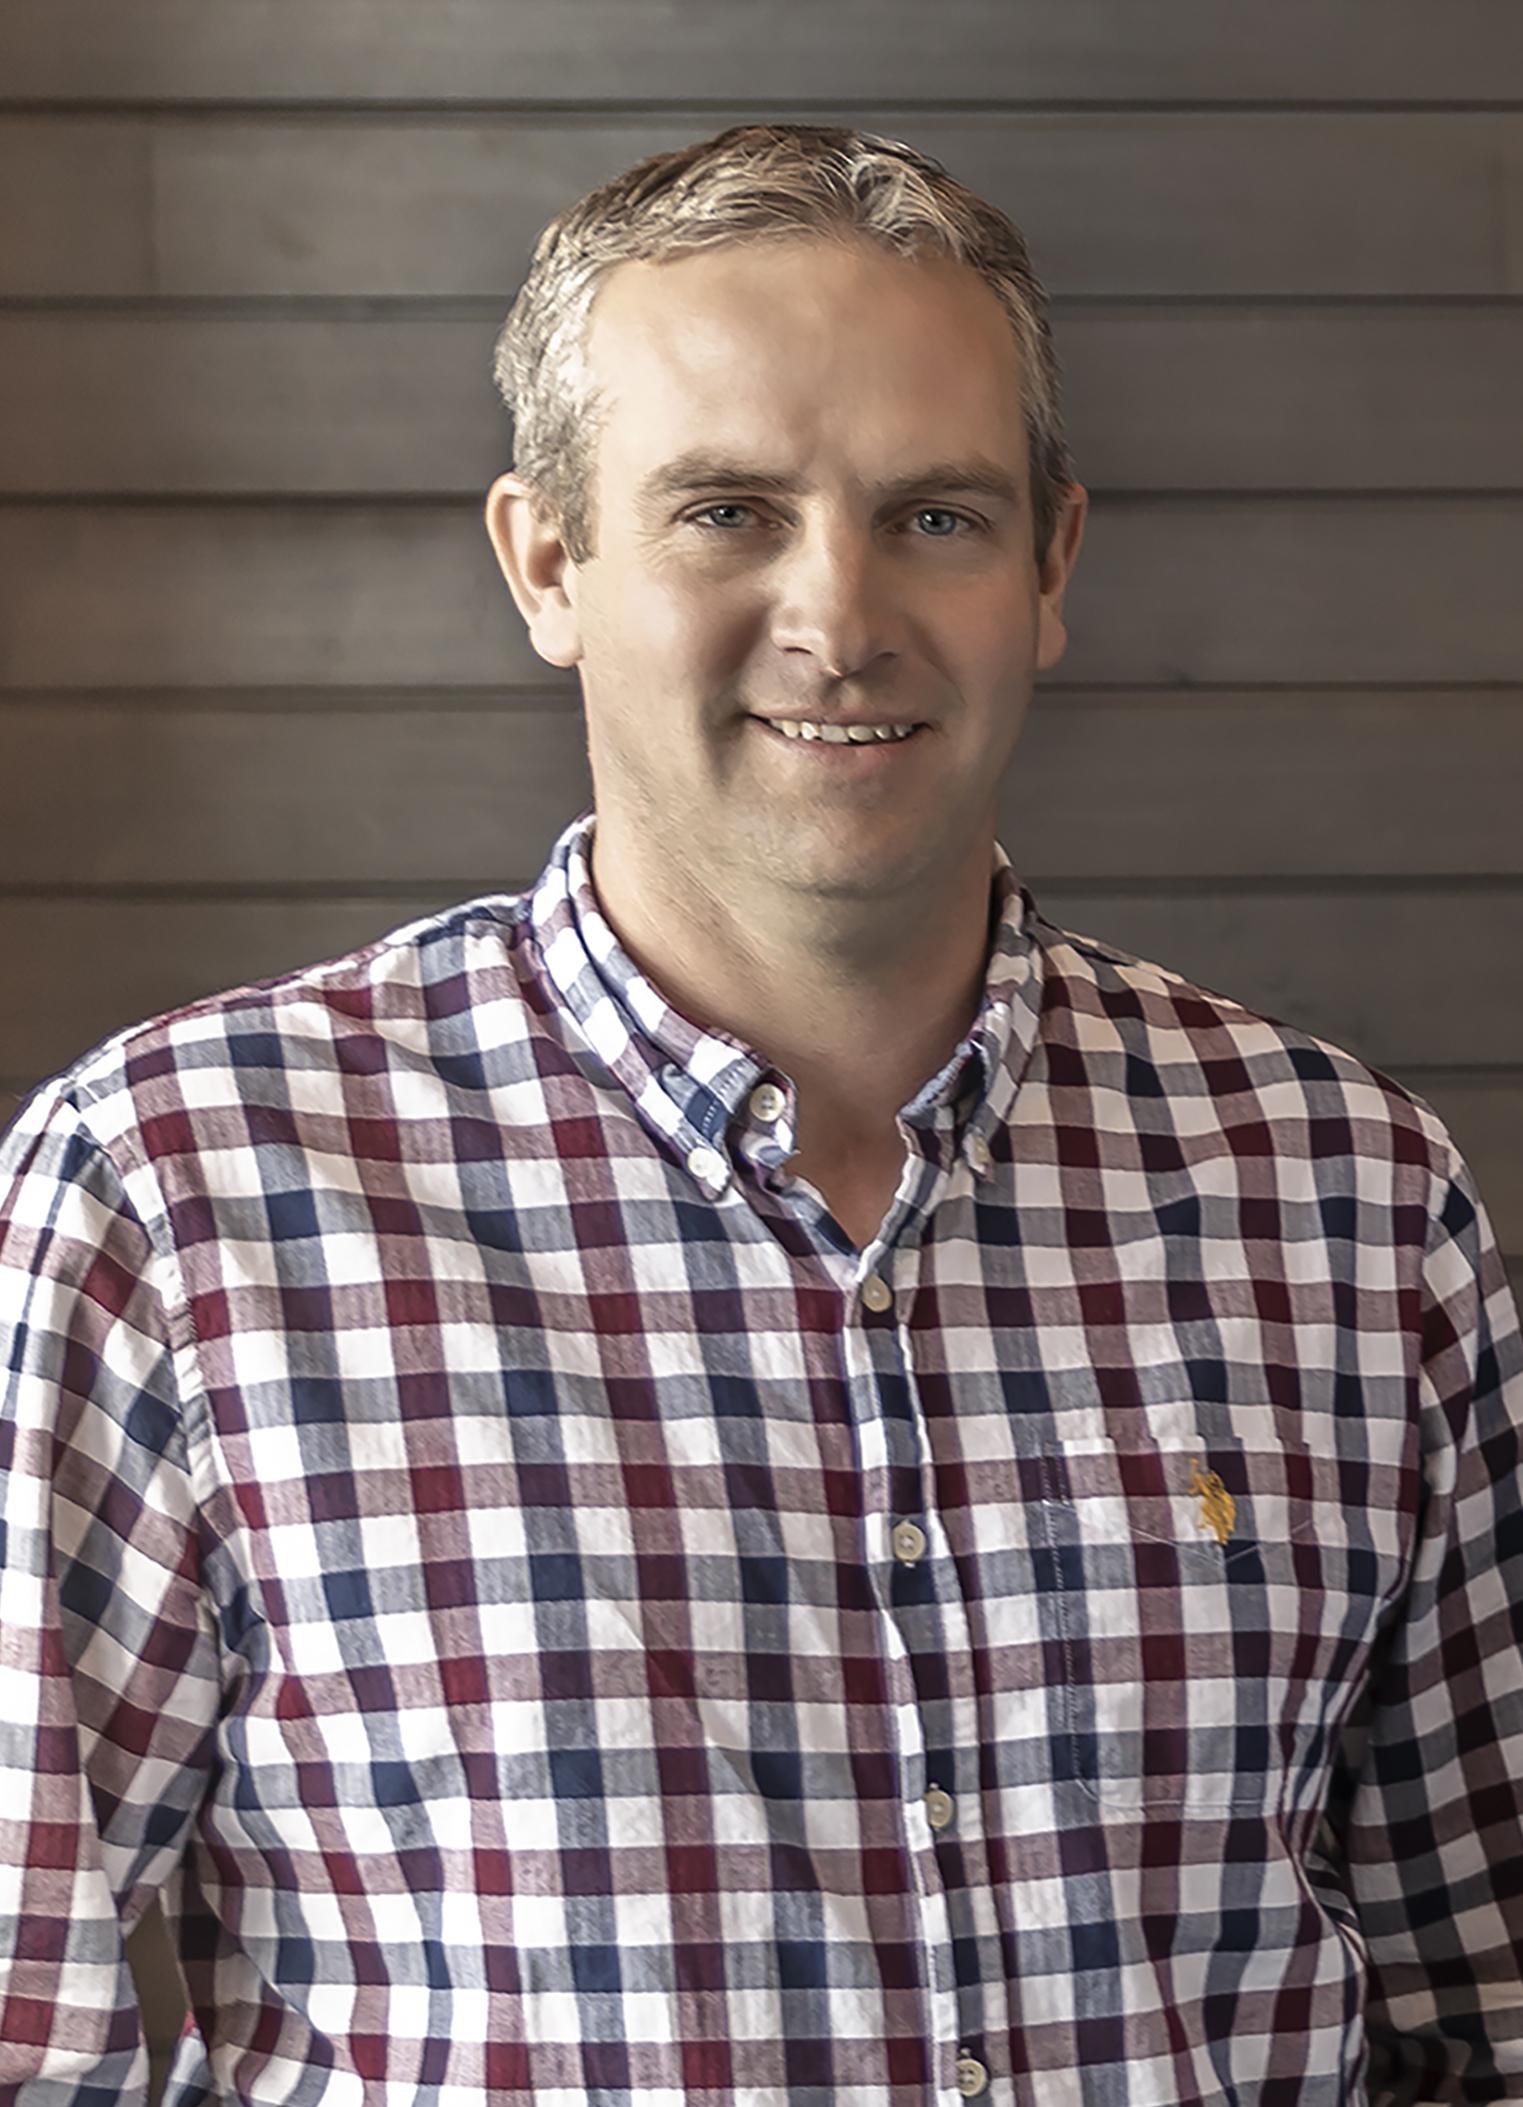 Wes Nanninga